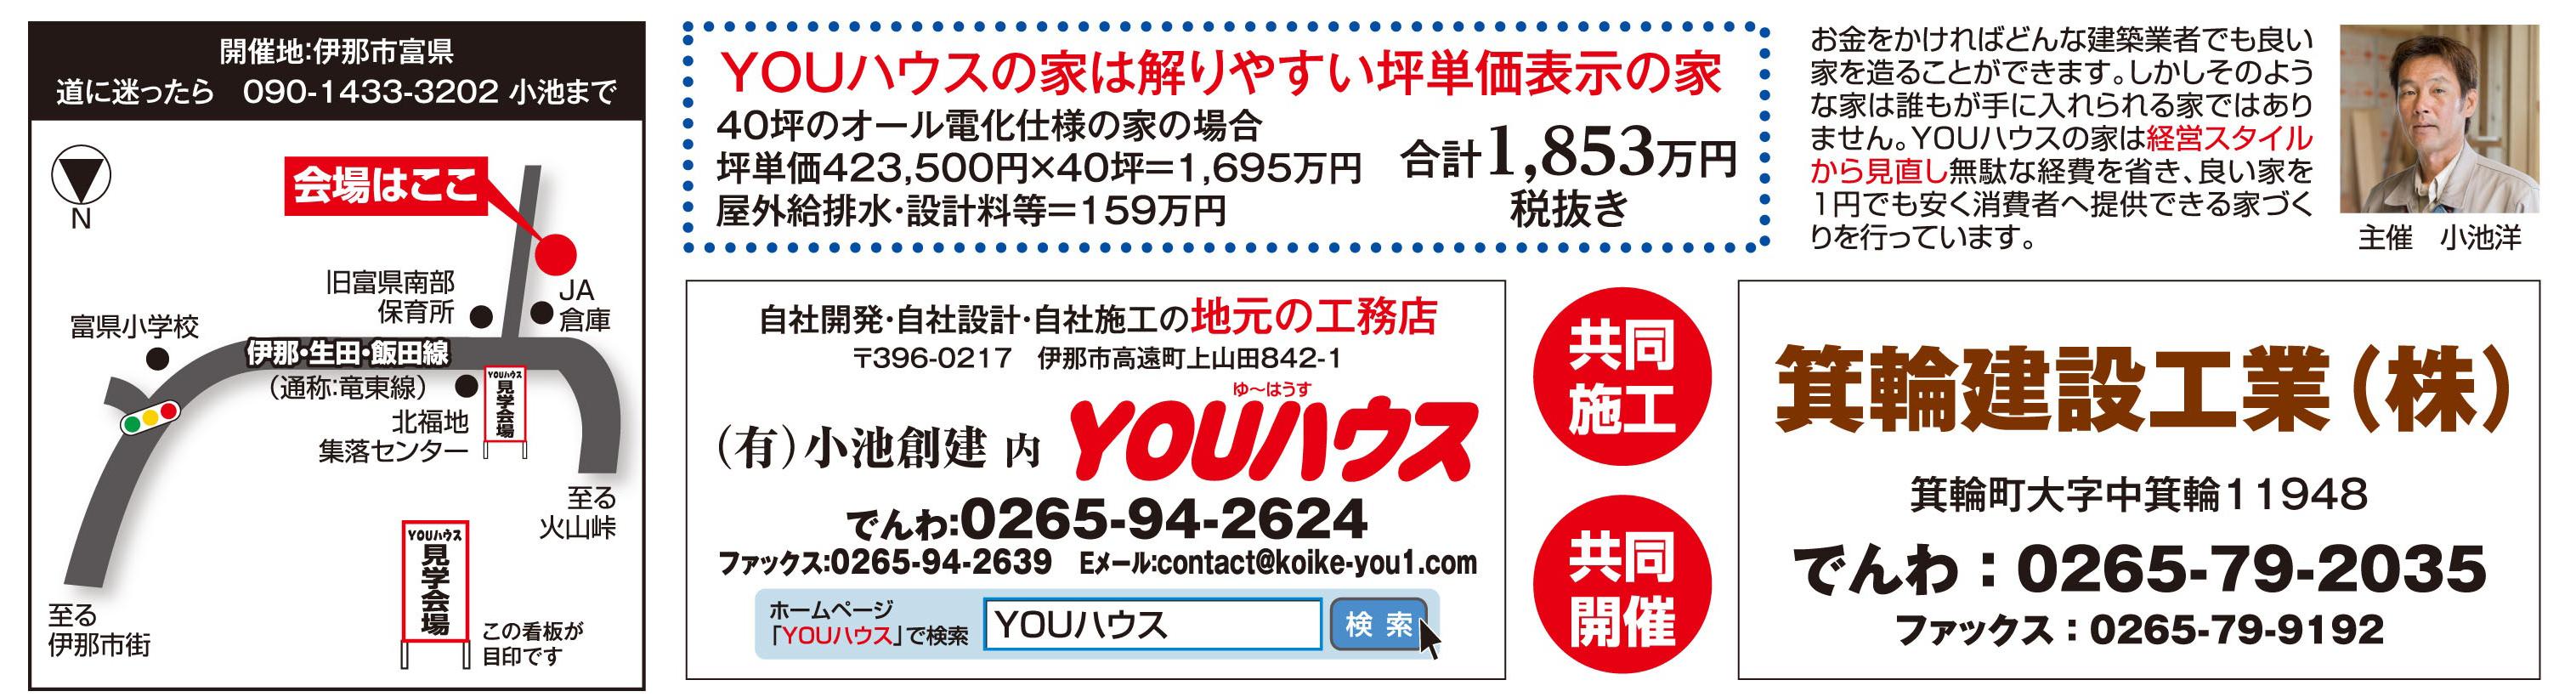 2014・09広告